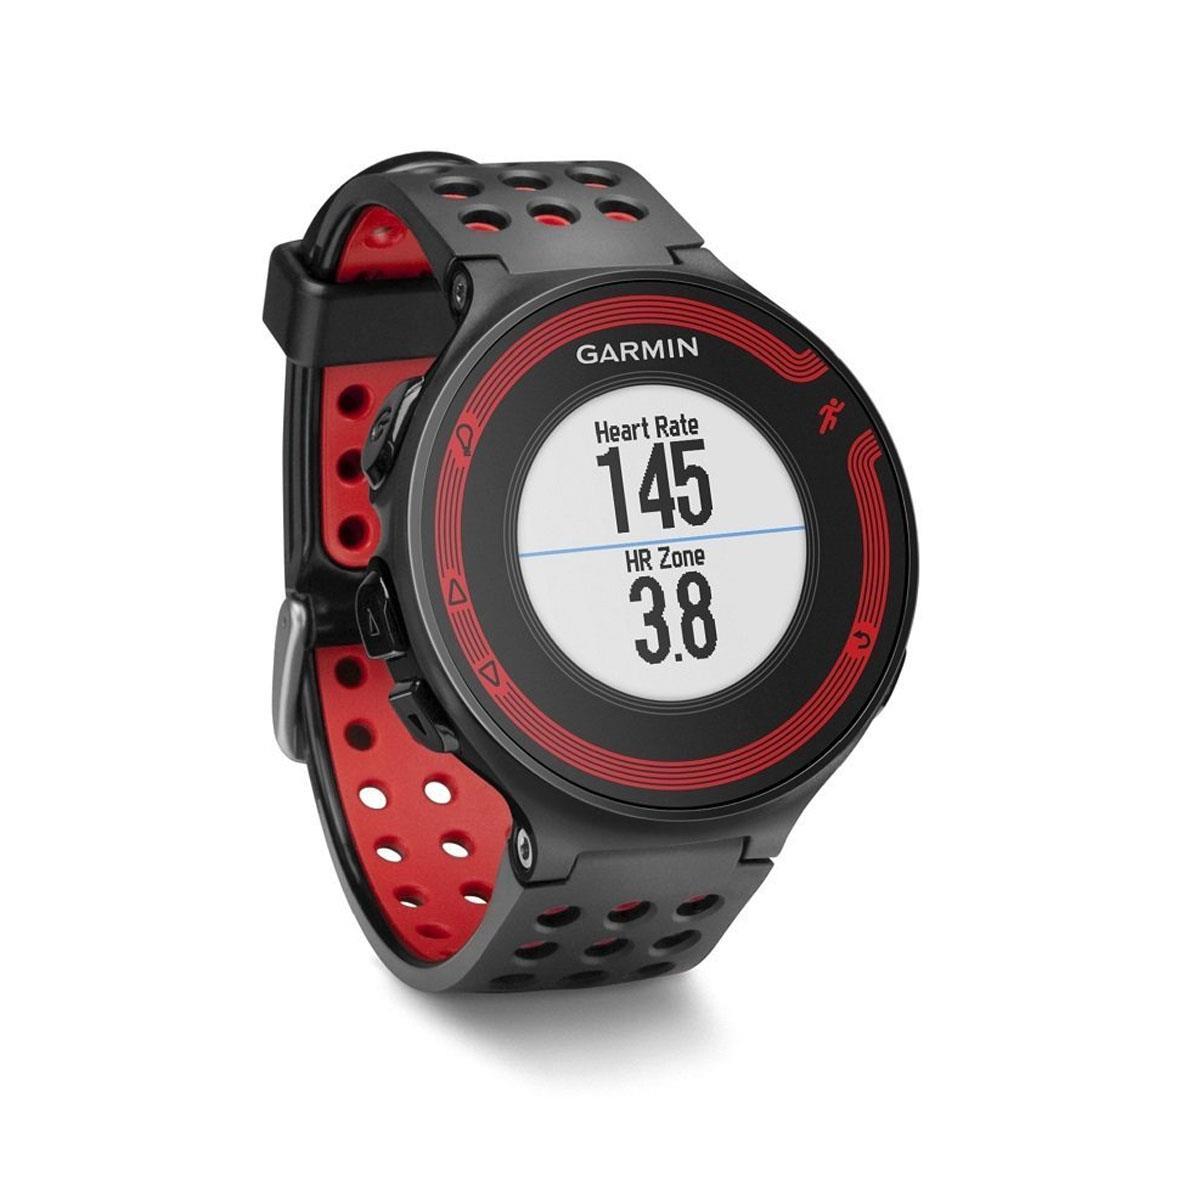 48a5062ca07 Relógio de Corrida Garmin Forerunner 220 com GPS e Medidor de Distância  Masculino Vermelho e Preto